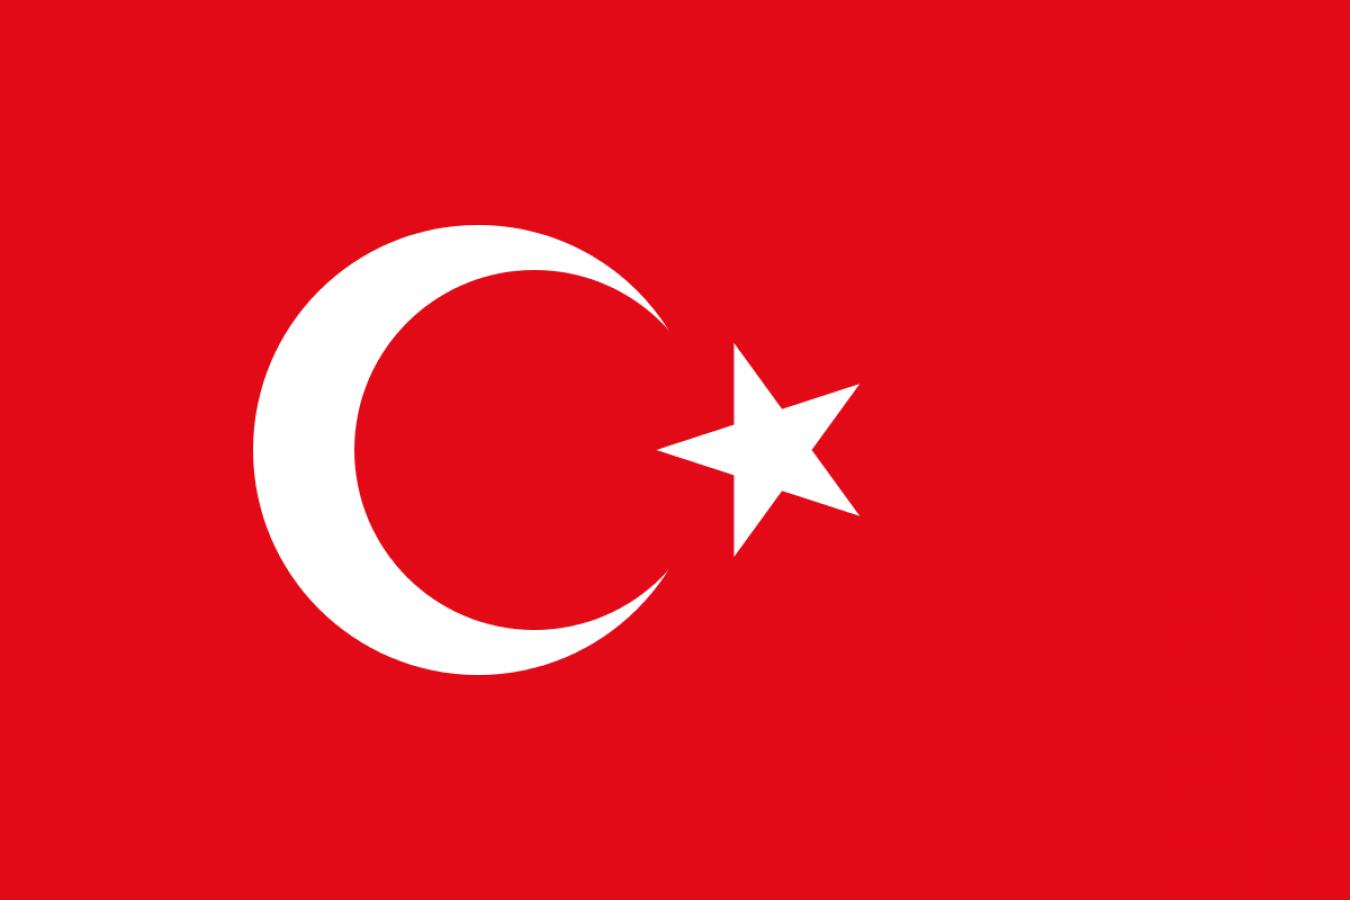 www.emlak34.com.tr EMLAK34  Beylikdüzü Satılık Kiralık Emlak Ev Daire Arsa İşyeri